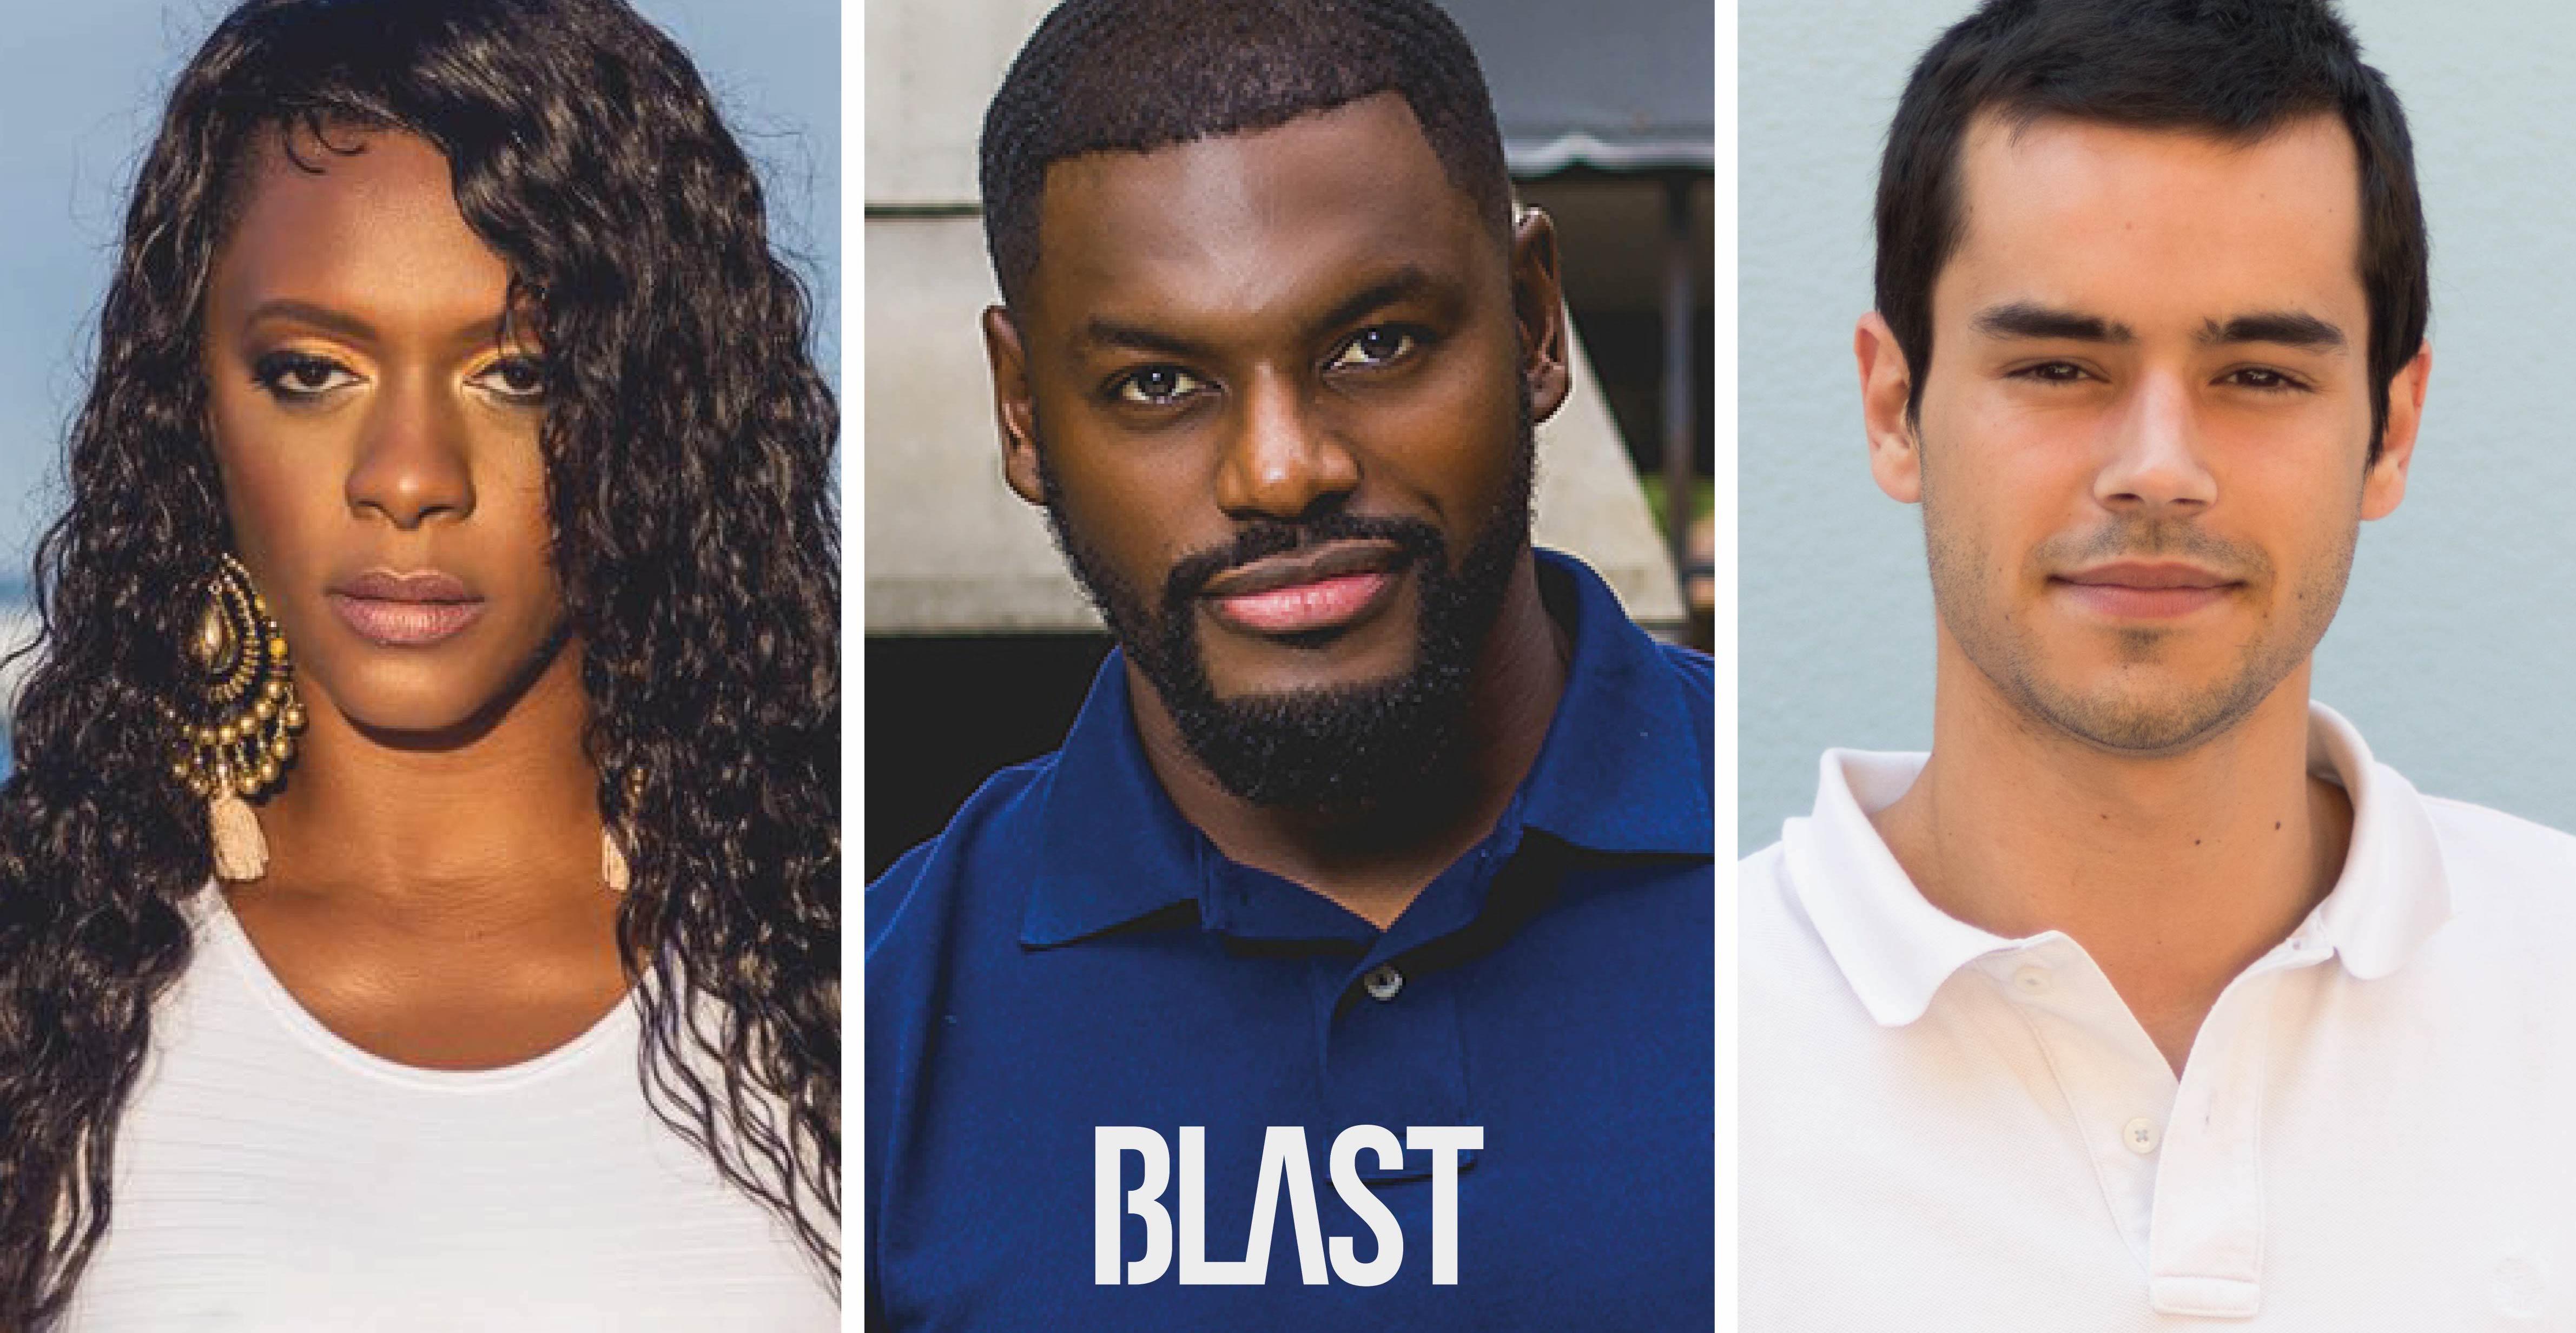 A familia BLAST está a aumentar!